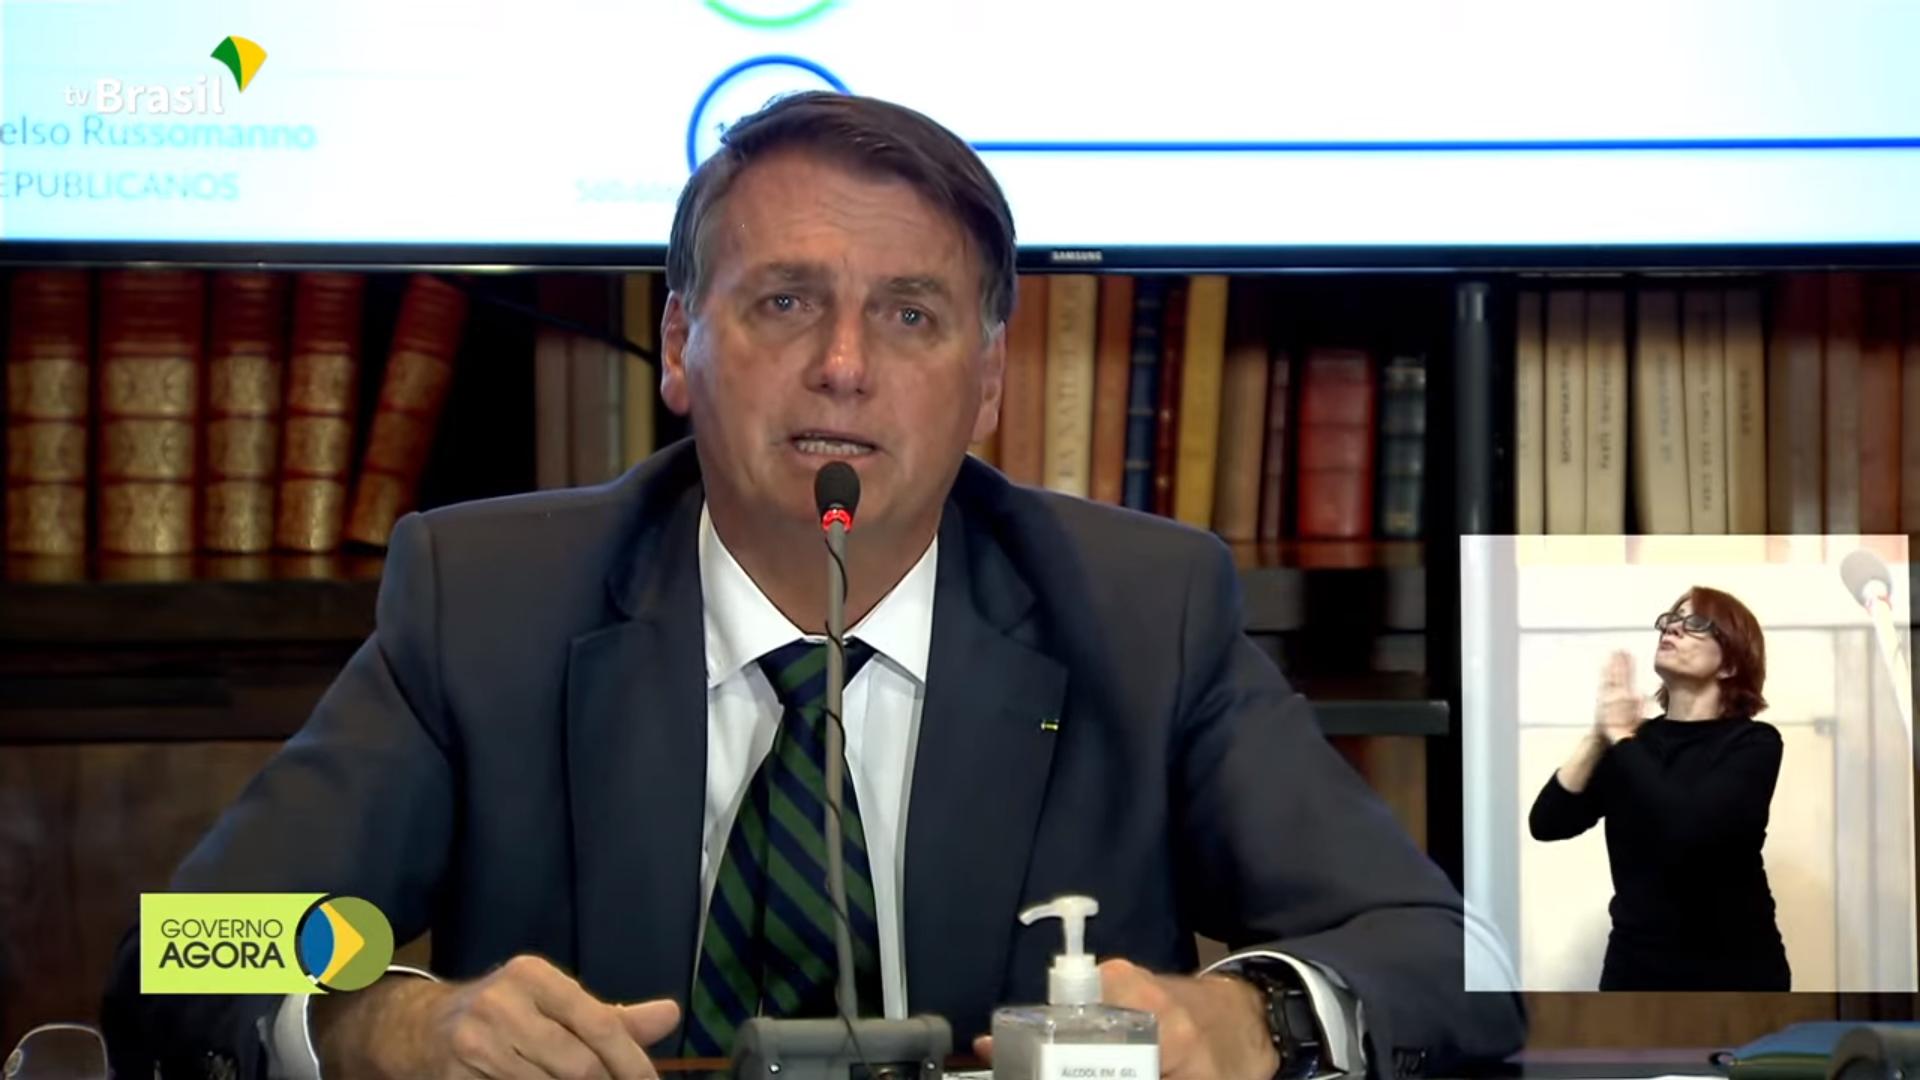 IMAGEM: Youtuber tenta apagar vídeo usado no show de mentiras de Bolsonaro